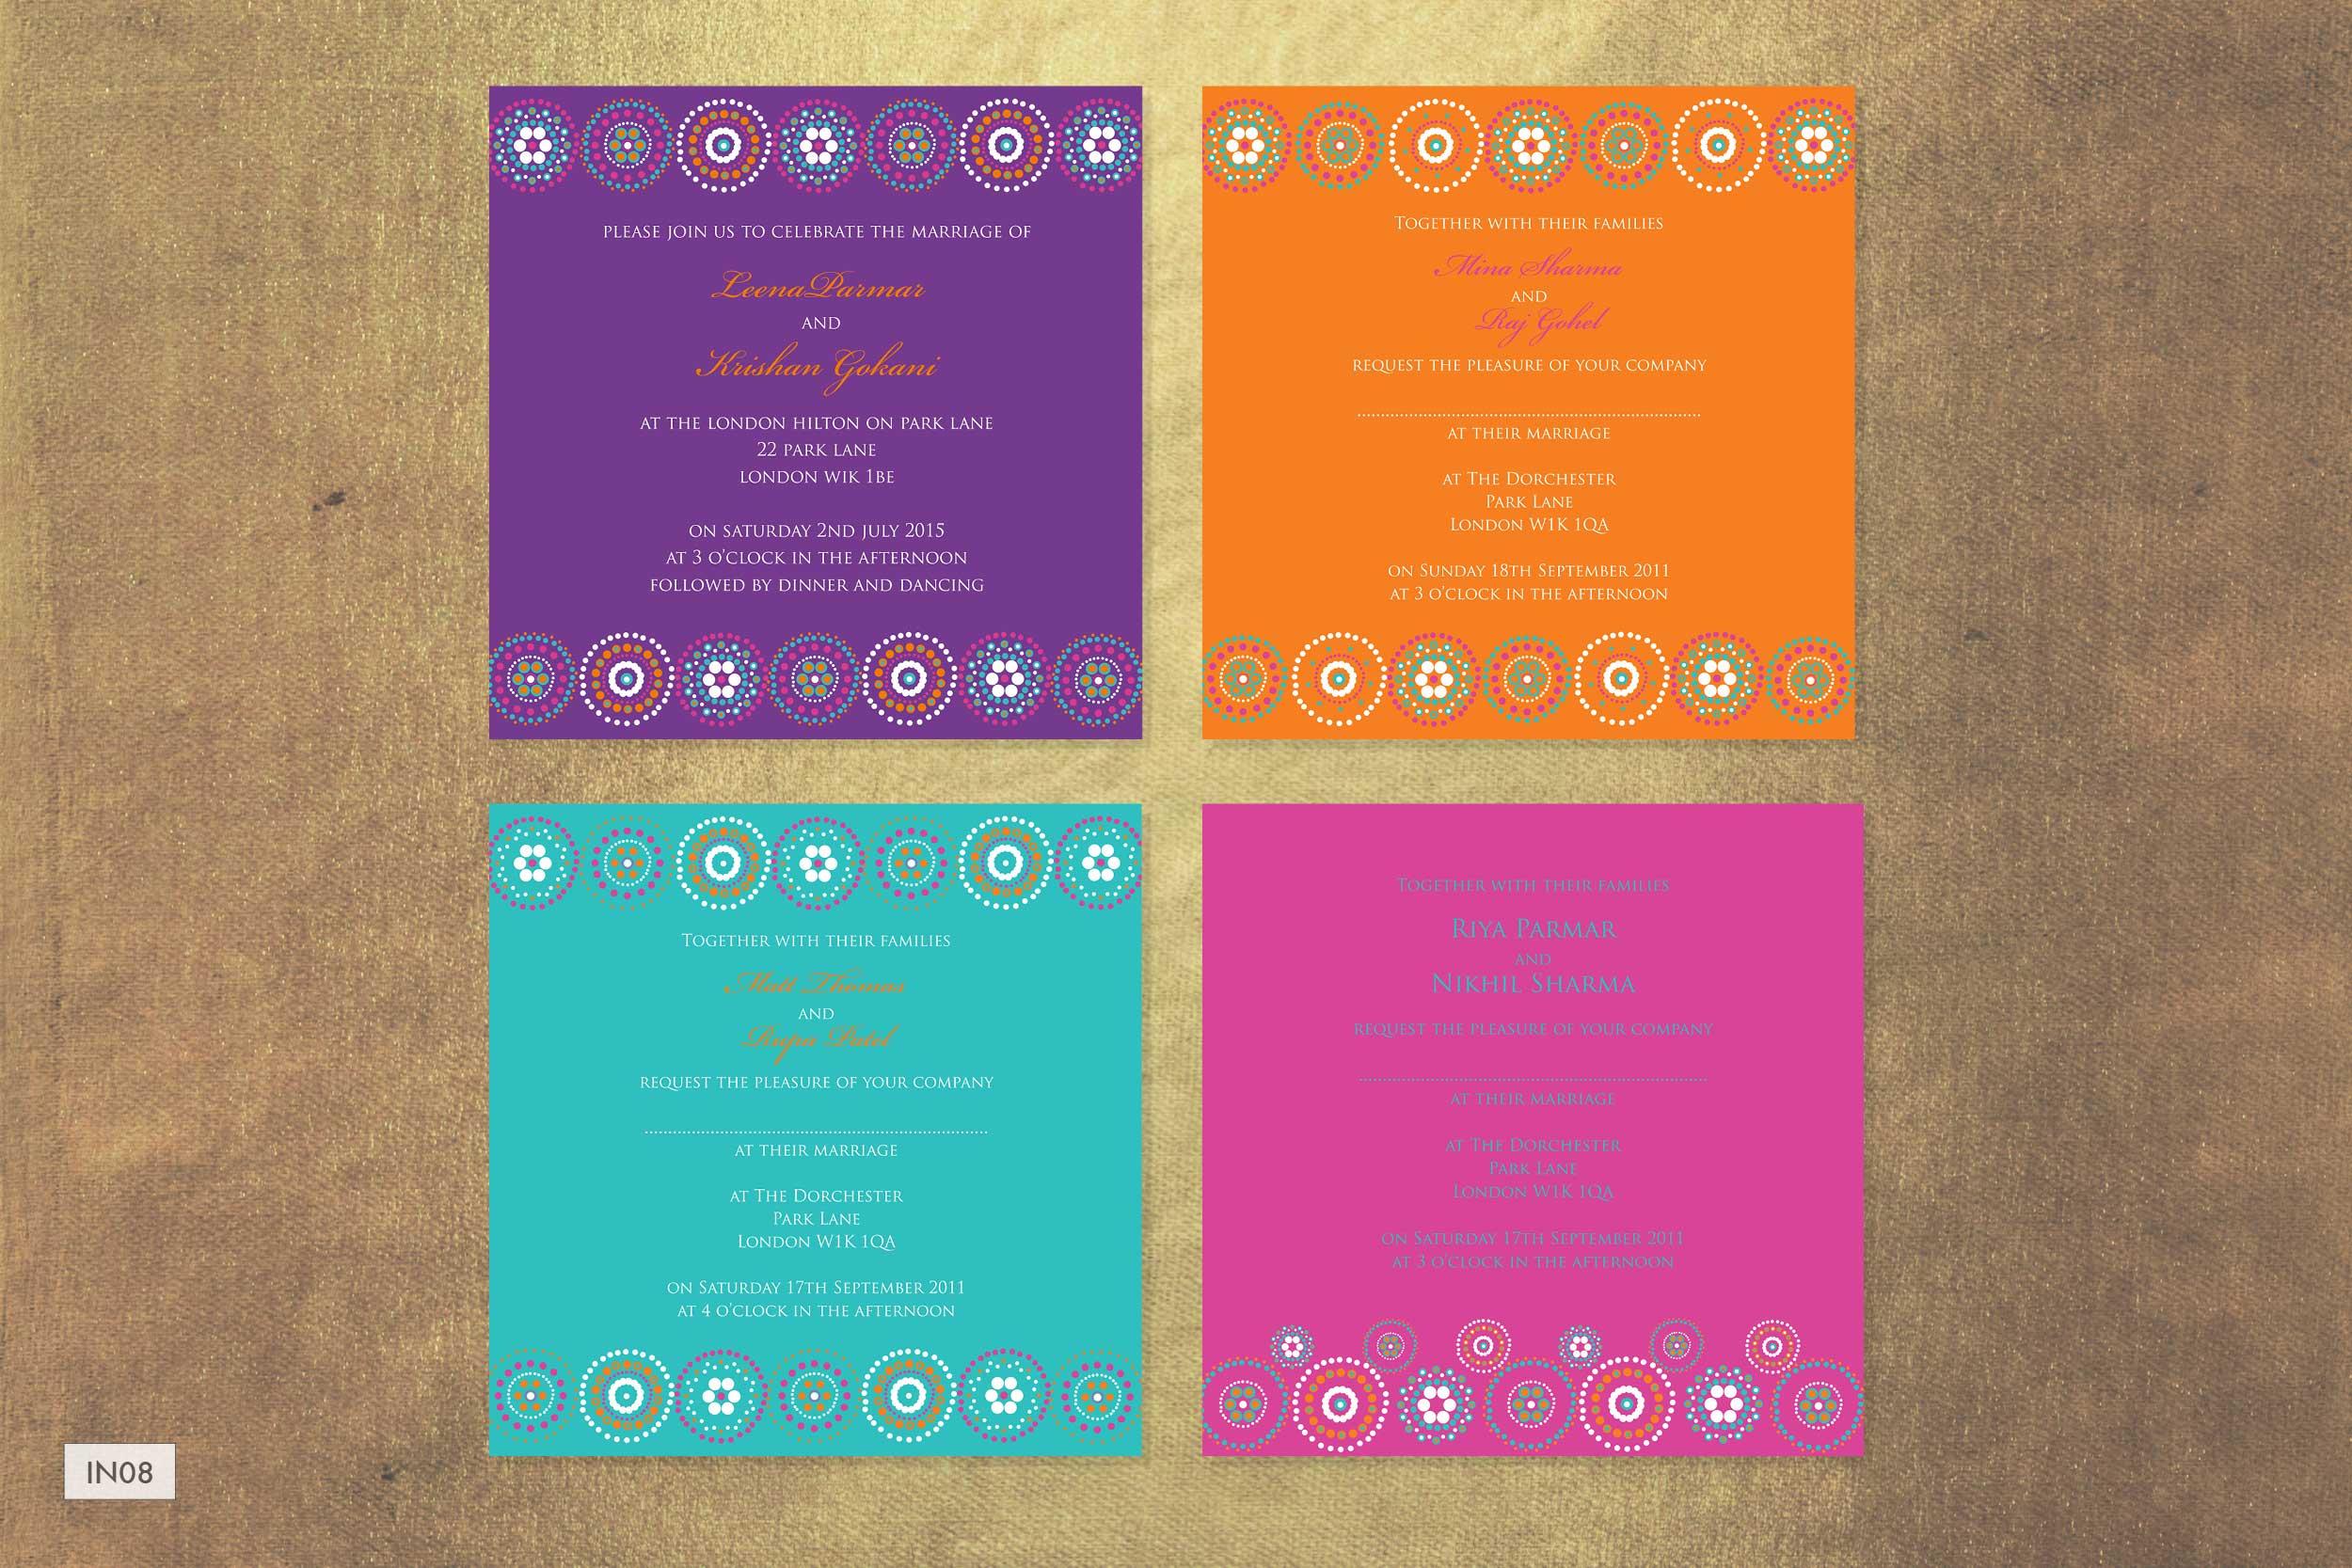 ananya-wedding-stationery-india-inspired26.jpg